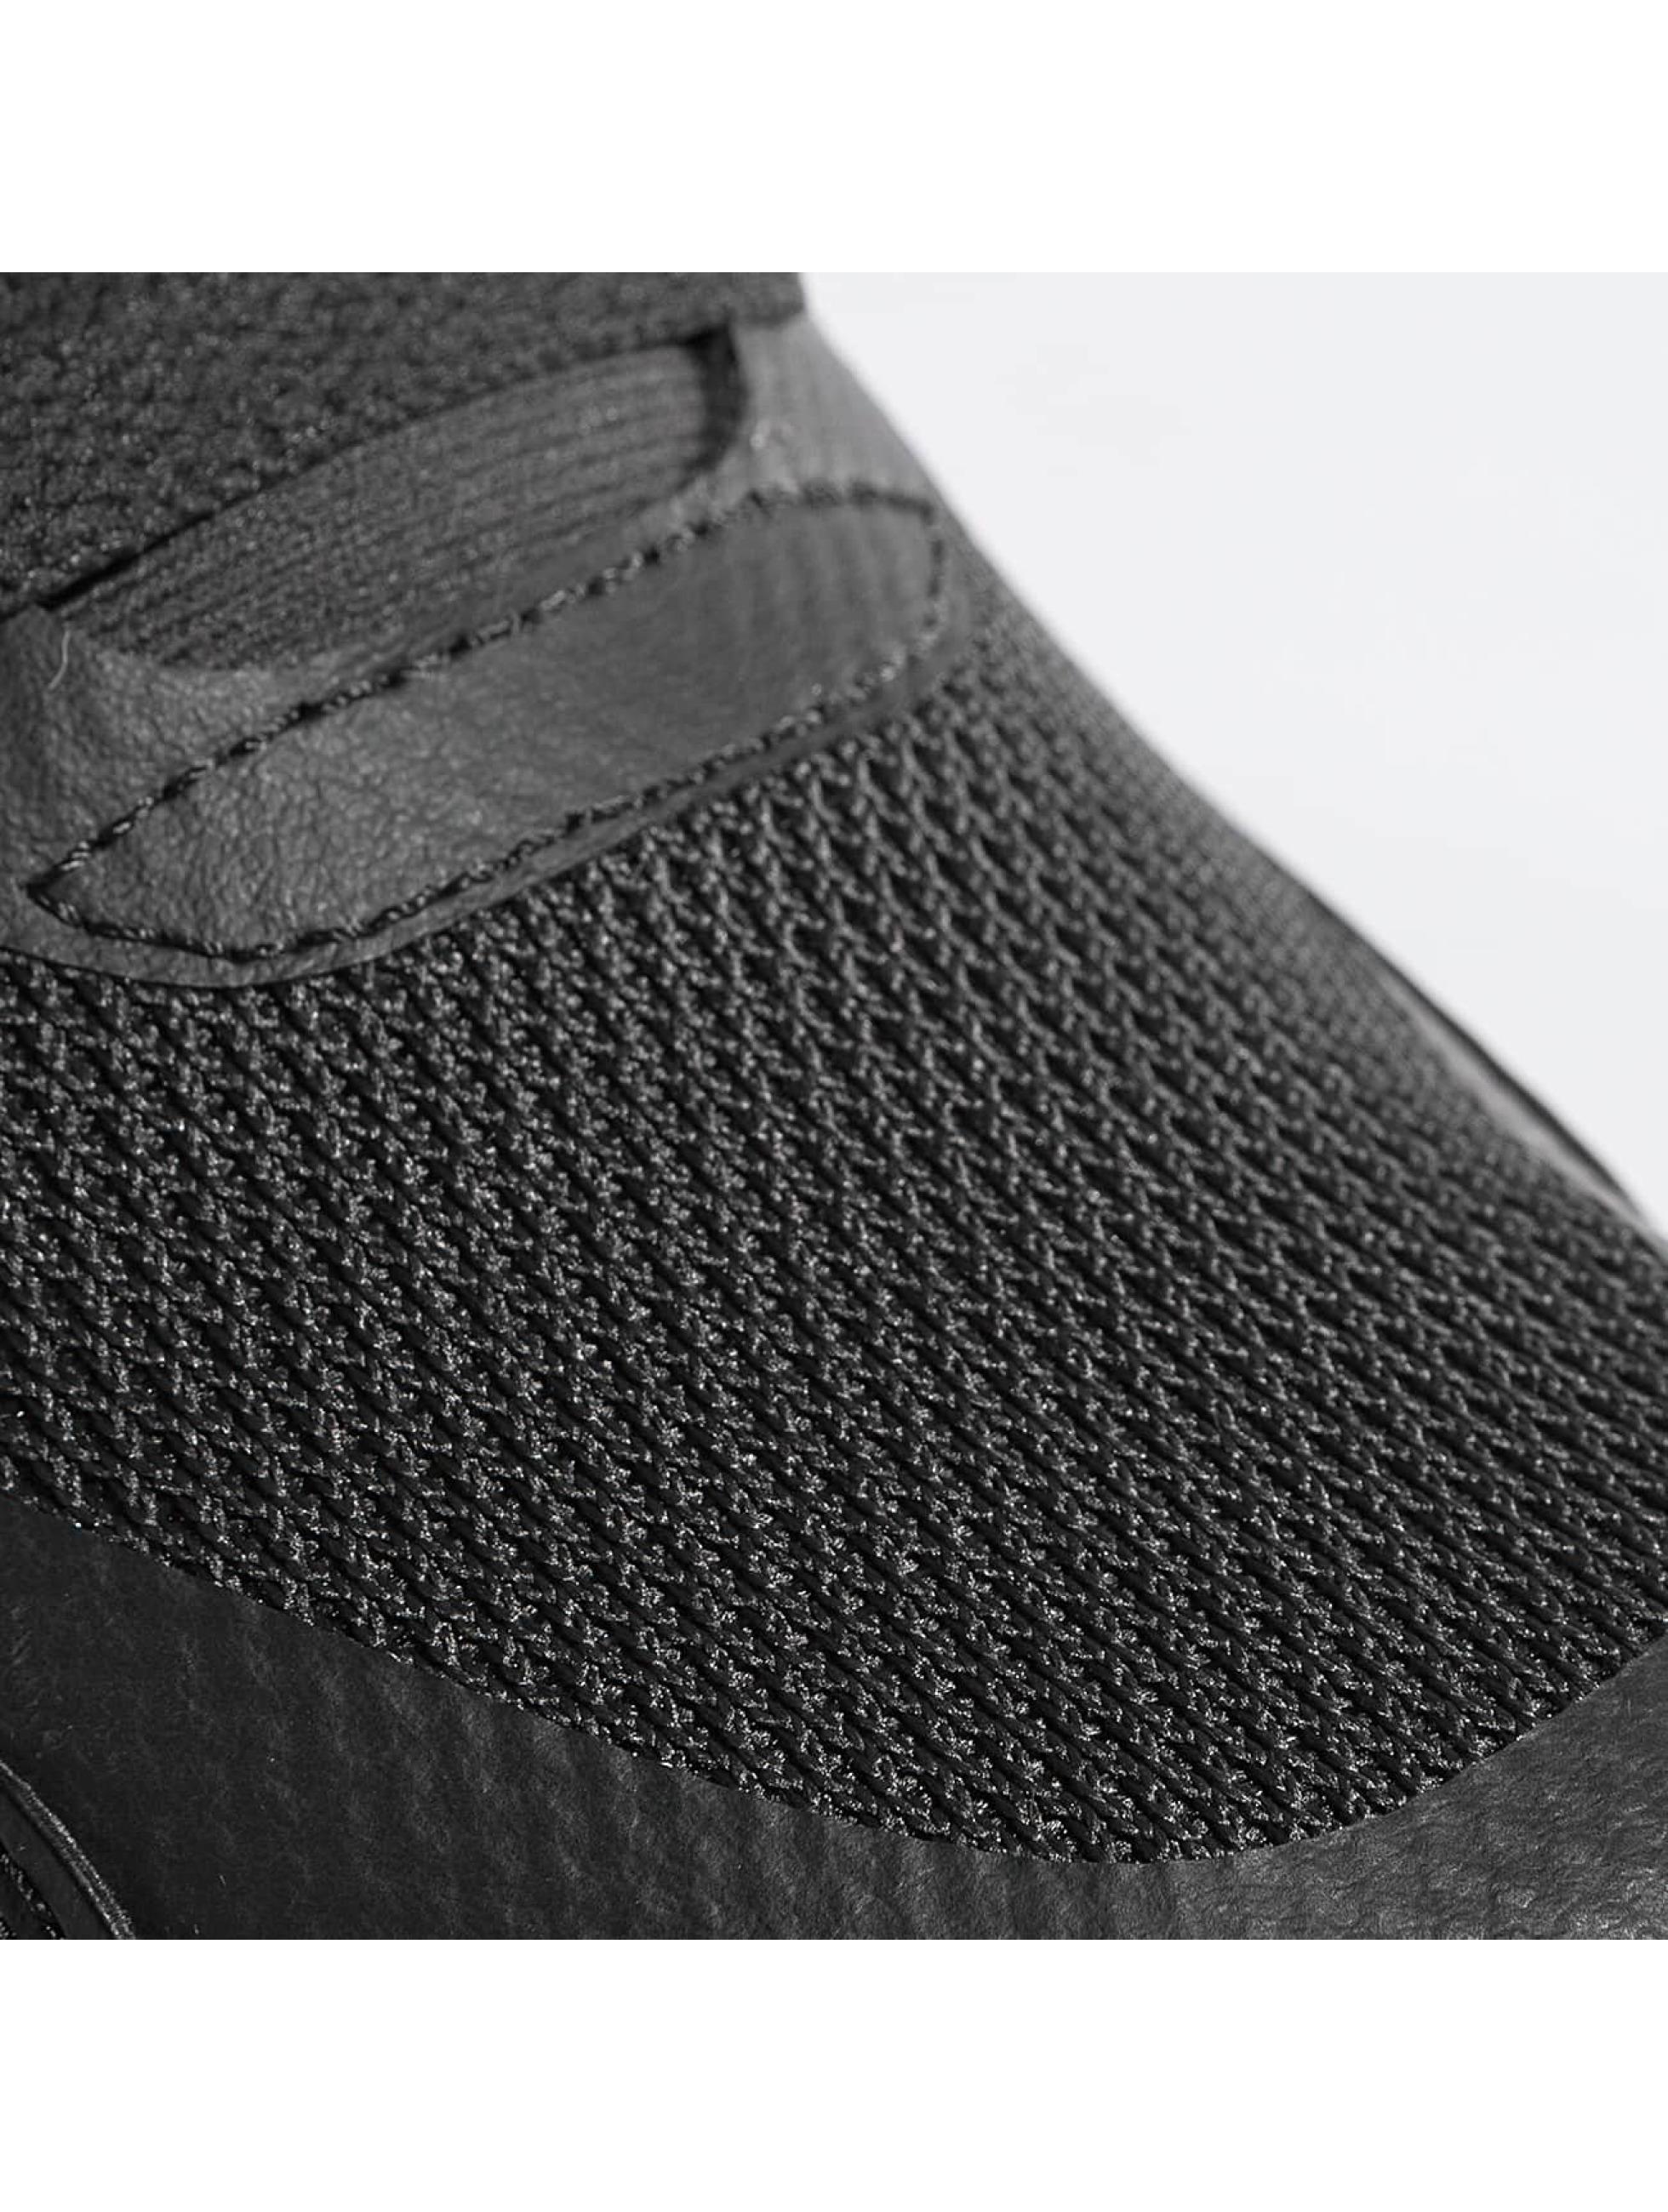 Nike Sneakers Air Max 90 Ultra 2.0 gray